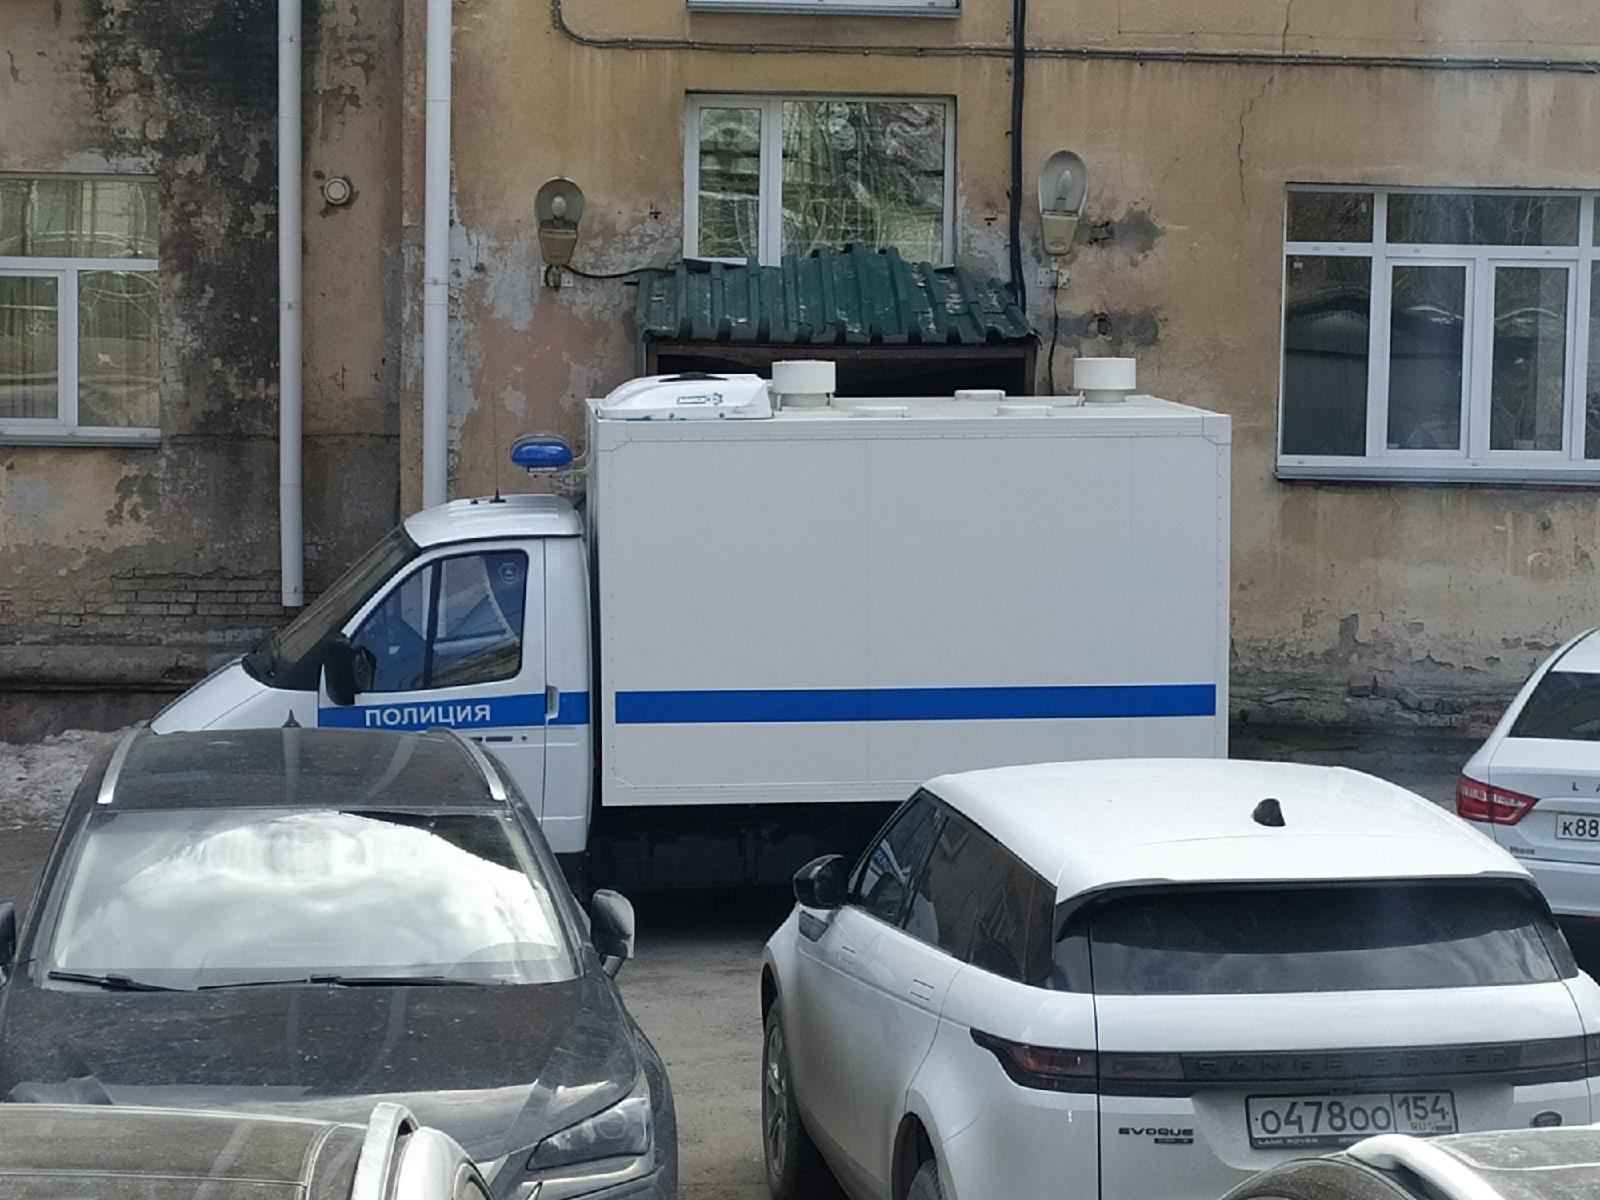 фото Появились фото с места смертельного задержания возле суда в Новосибирске 4